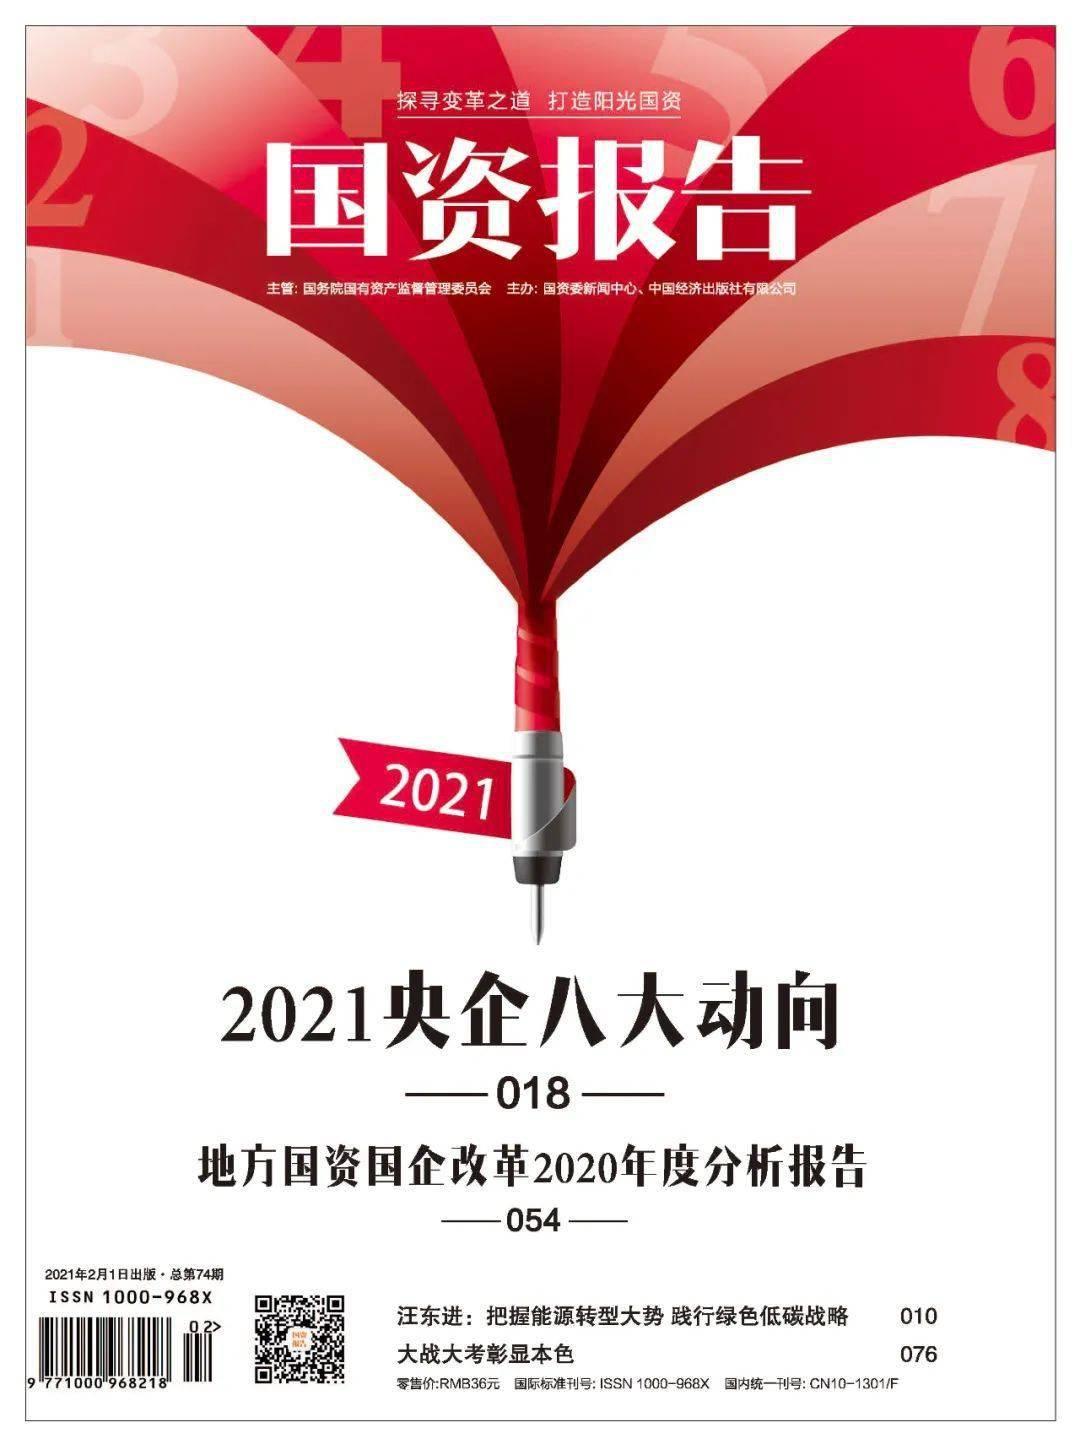 《国资报告》2021年第2期上线啦!